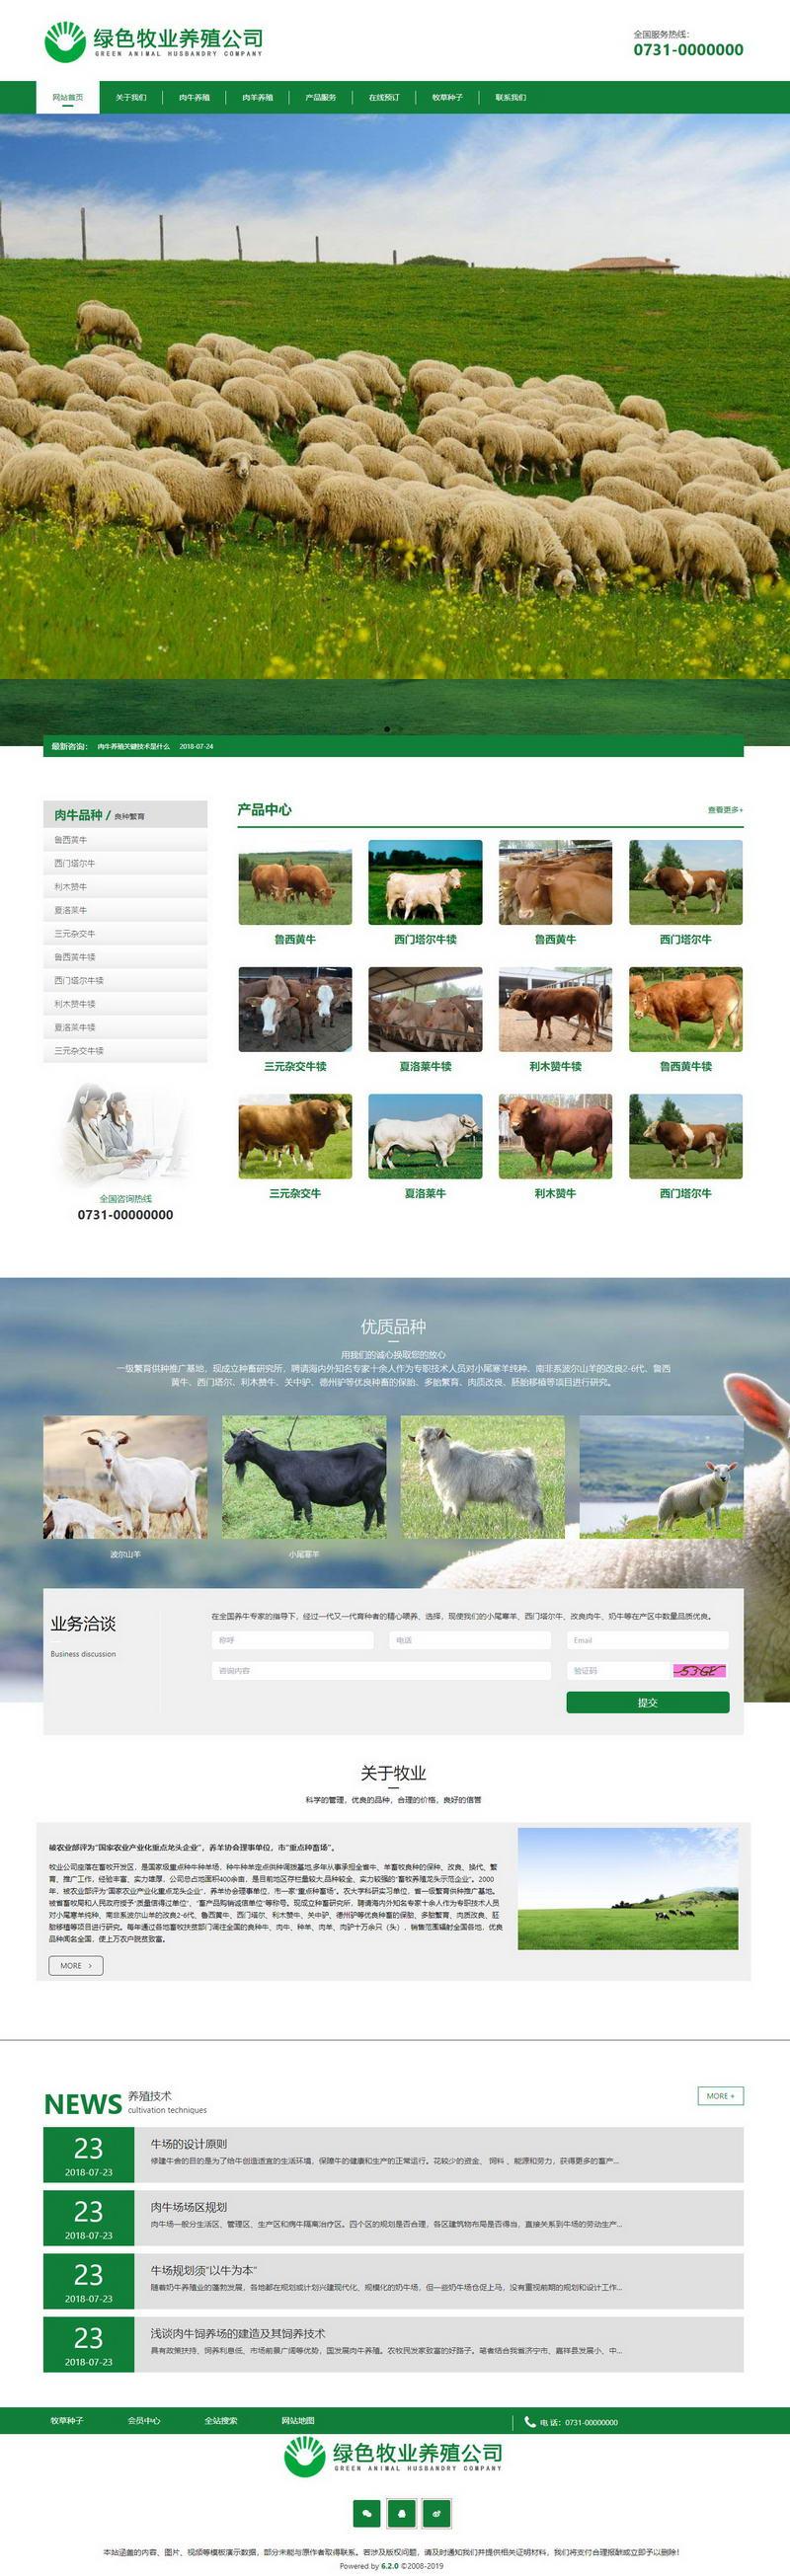 泰州农业网站设计制作建设服务